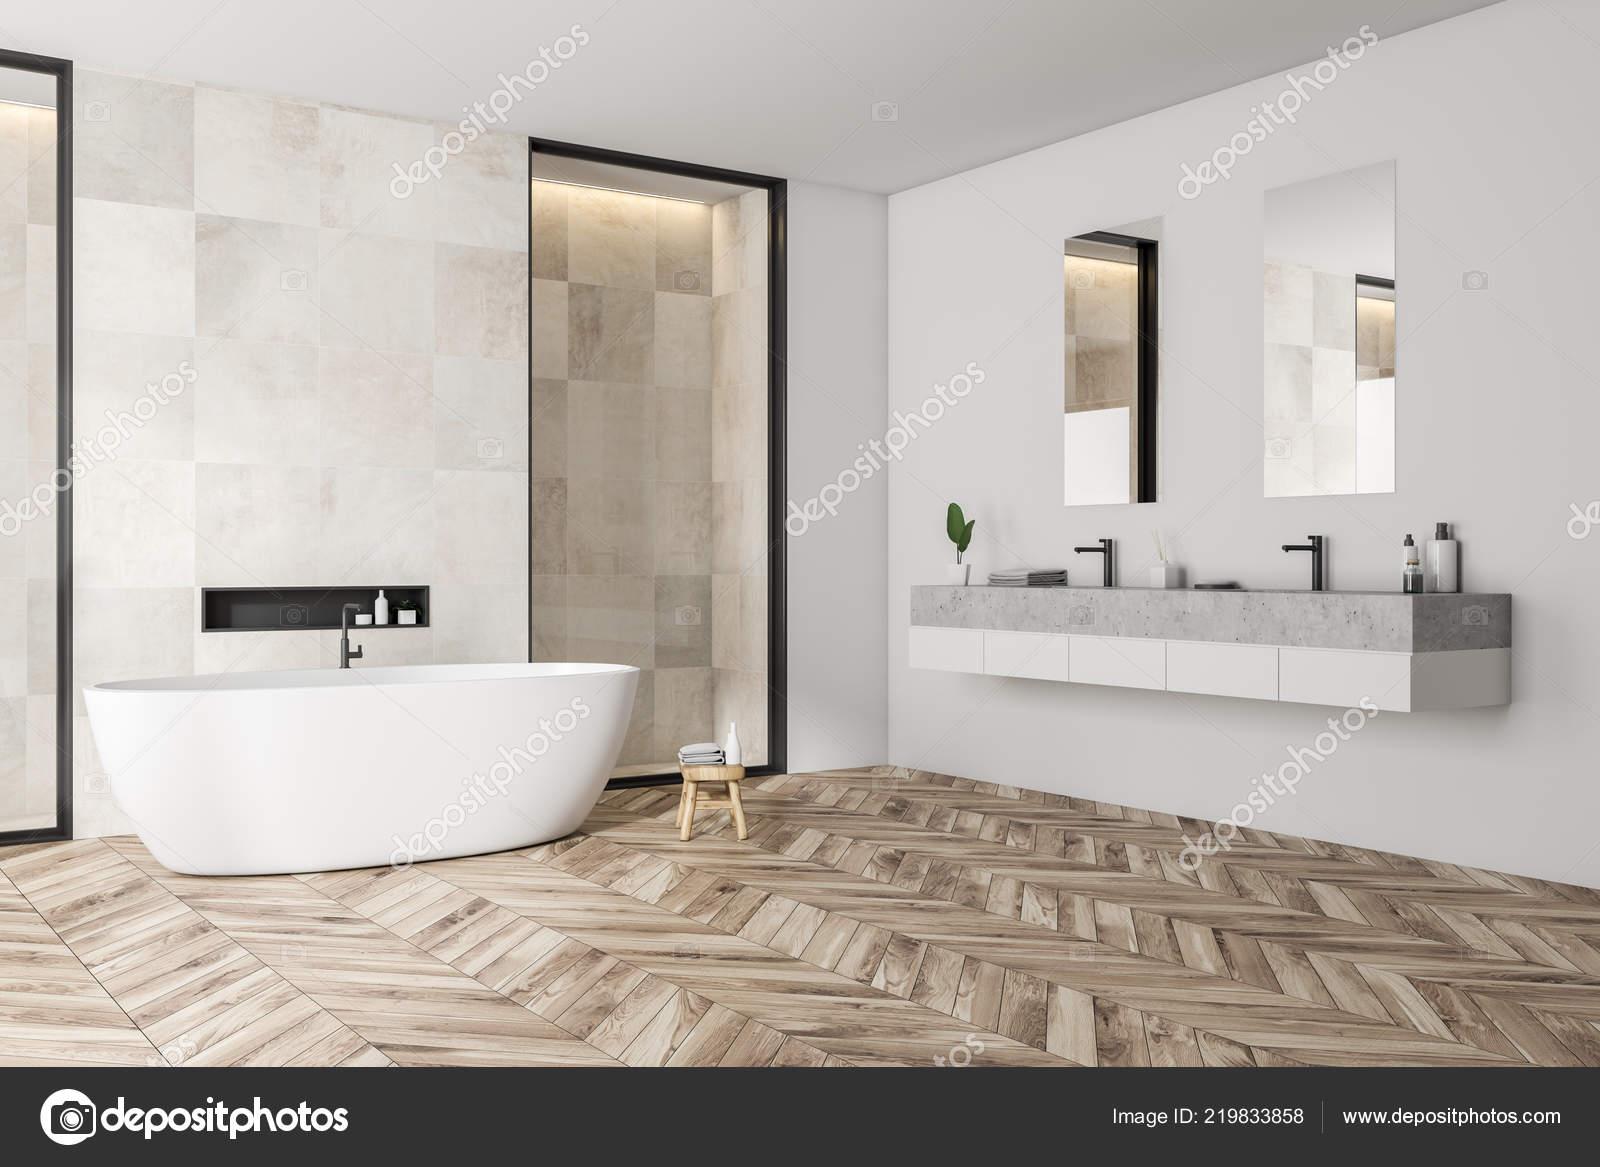 Angolo moderno bagno con piastrelle bianche pareti pavimento legno vasca foto stock - Piastrelle bagno bianche ...